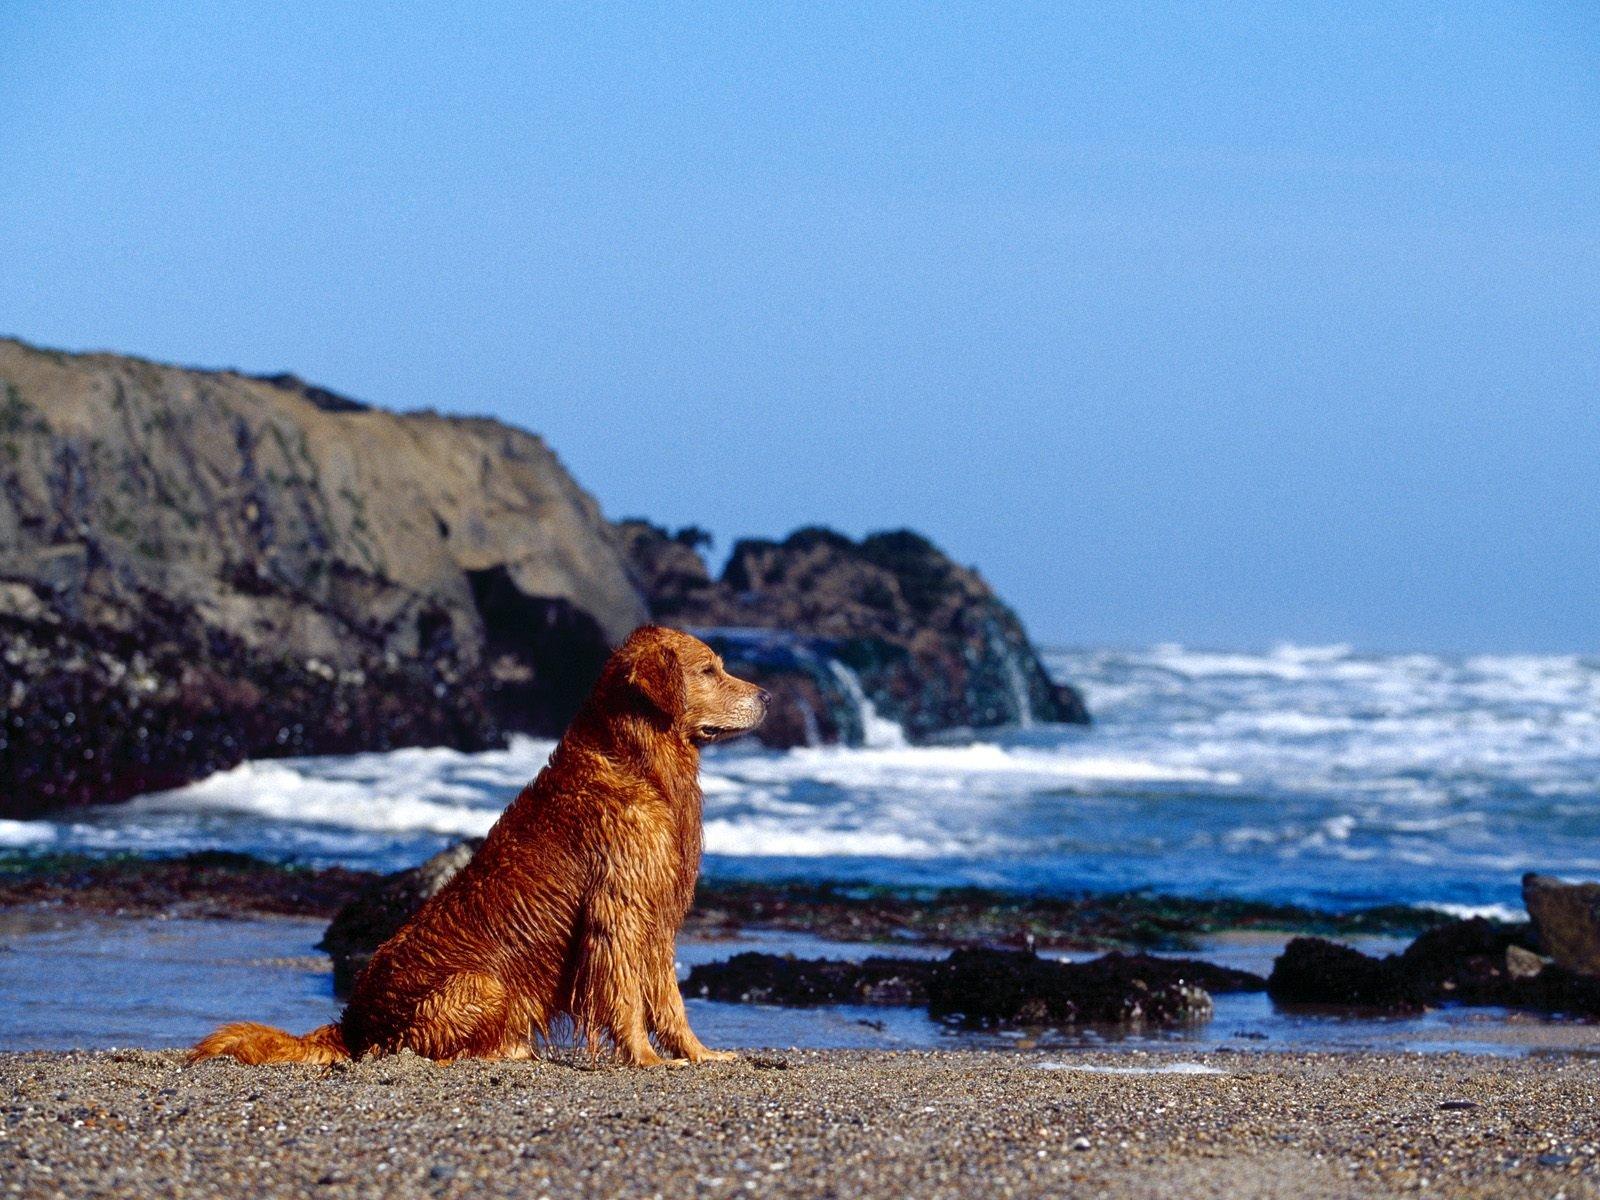 デスクトップ壁紙 1600x1200 Px 動物 可愛い 犬 Frendly ペット